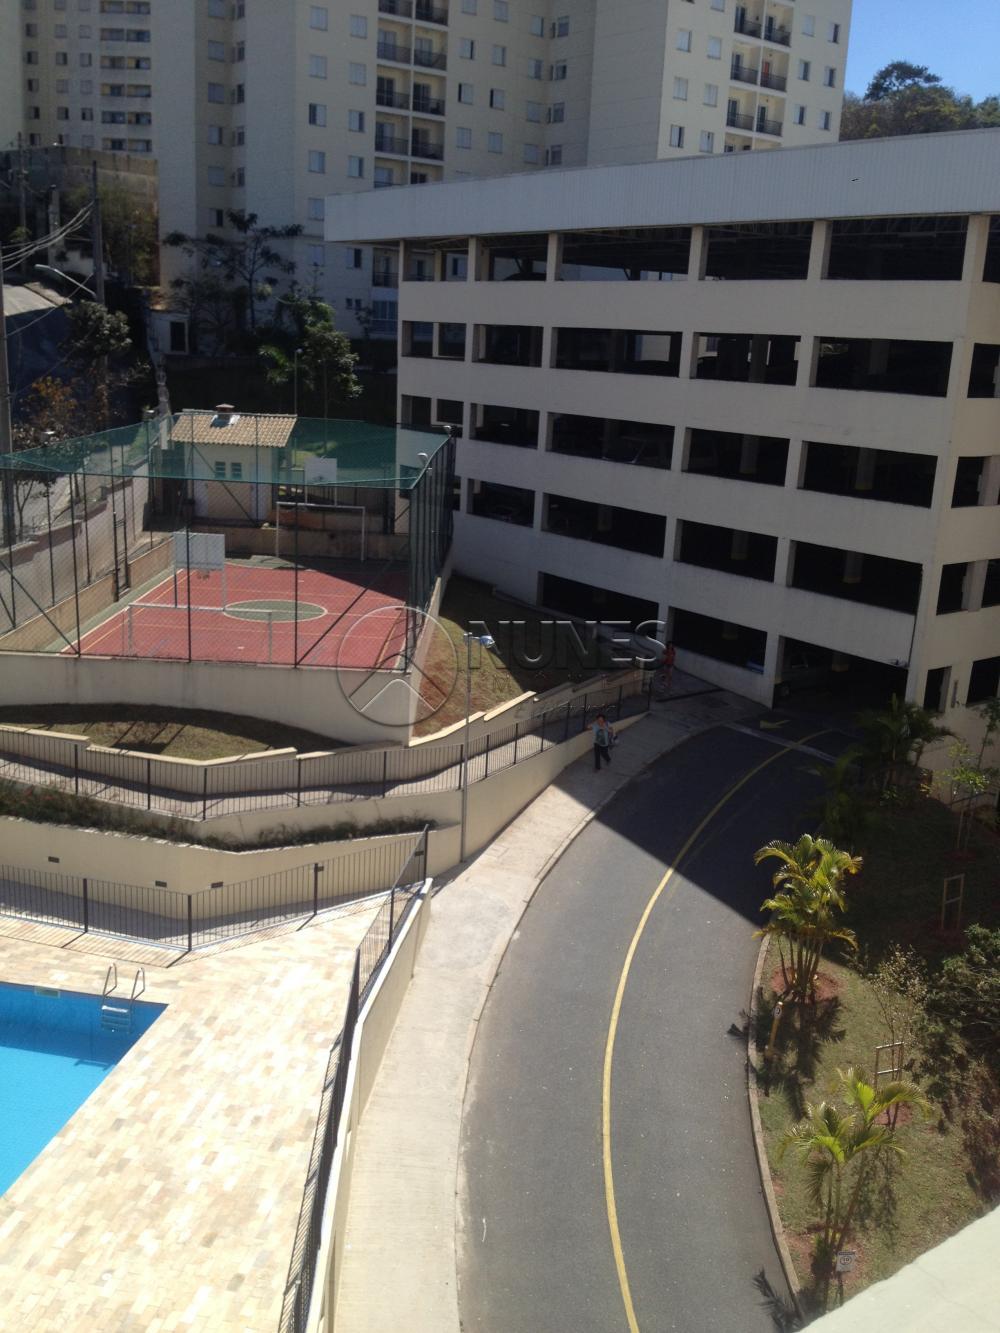 Comprar Apartamento / Padrão em São Paulo apenas R$ 350.000,00 - Foto 14